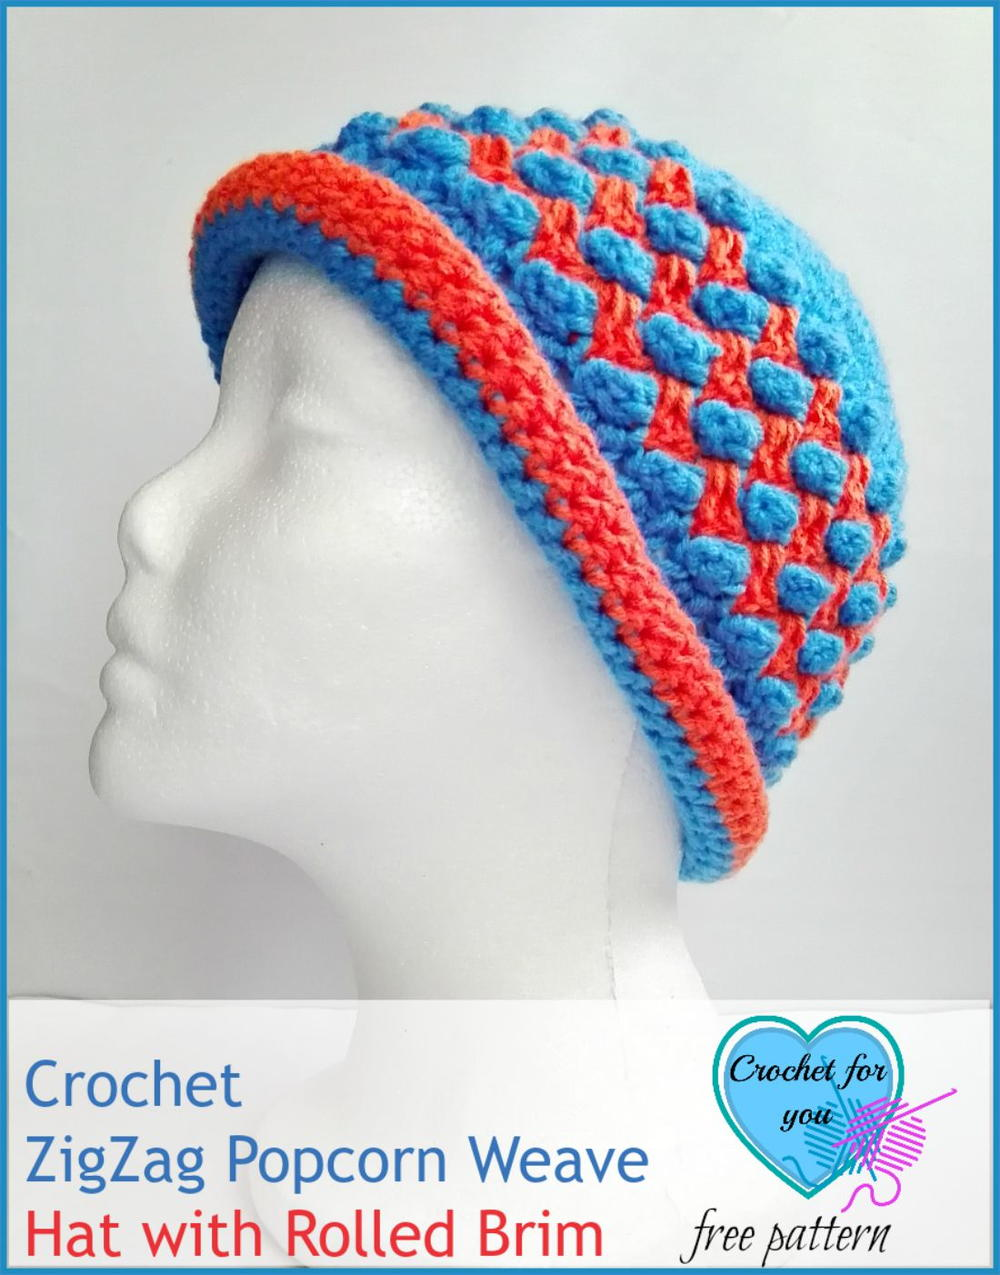 Zig Zag Popcorn Weave Crochet Hat Pattern FaveCrafts.com